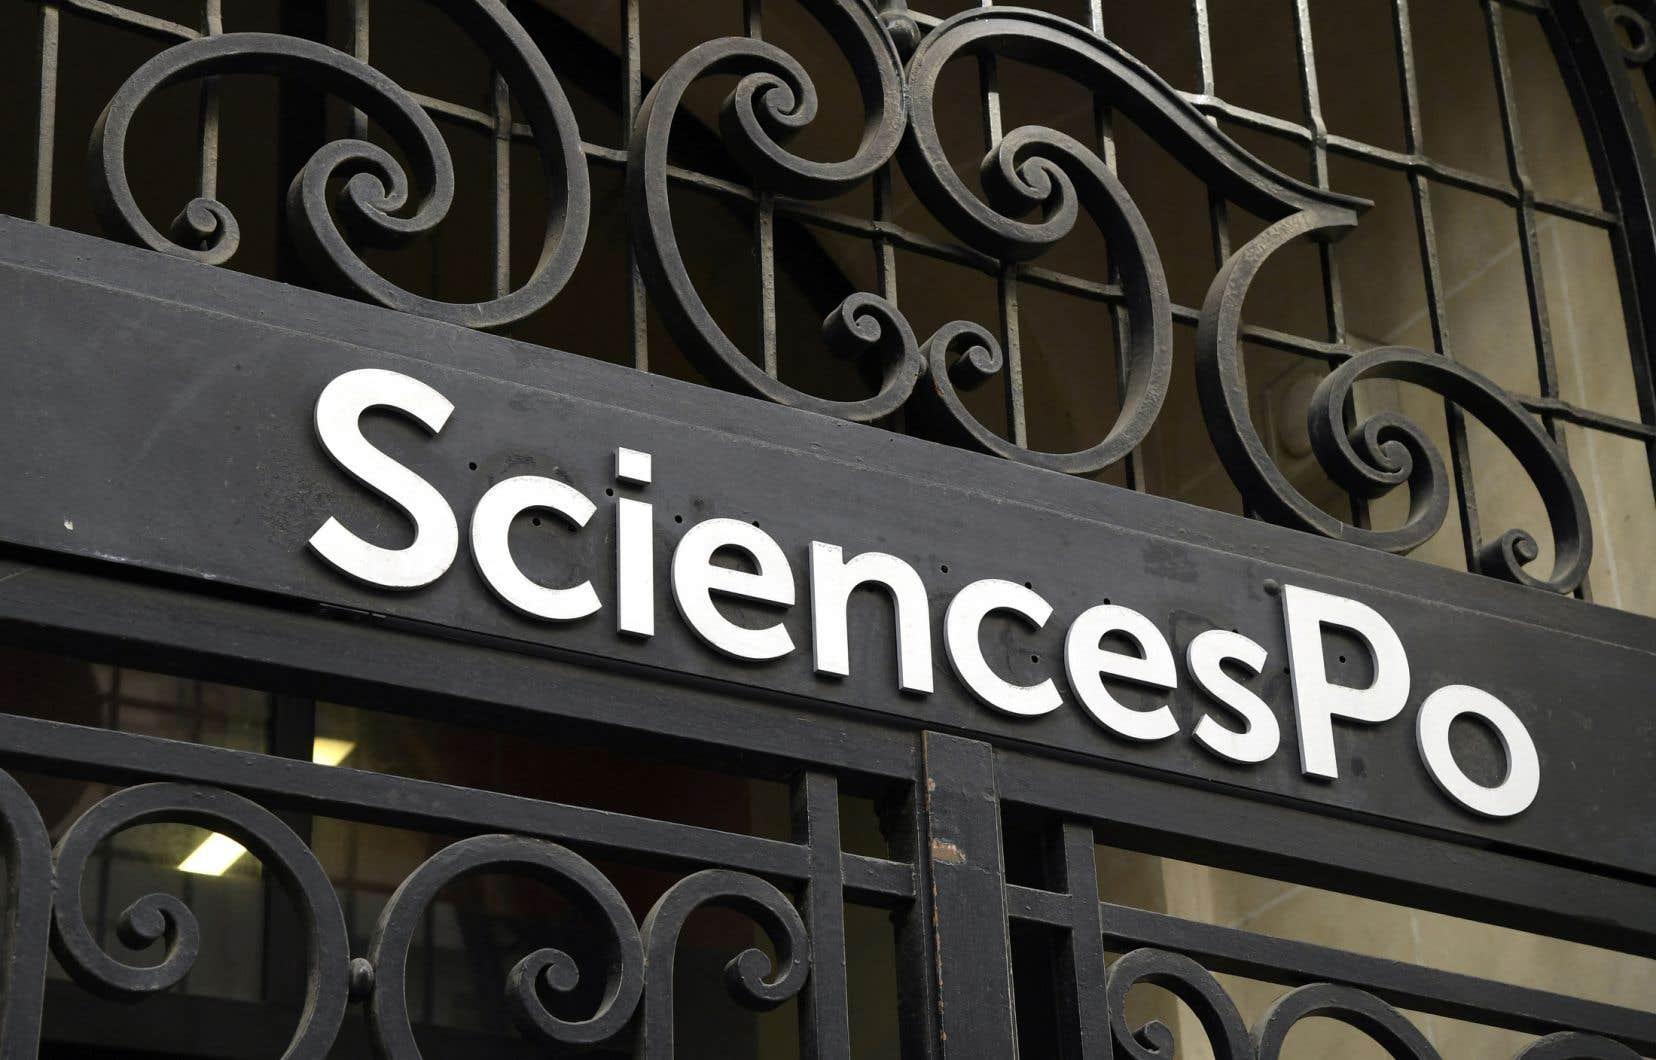 «Si Sciences Po n'était qu'une université comme une autre, on pourrait attribuer cette véritable anglicisation au besoin de recruter des étudiants étrangers dans un monde universitaire anglophone», écrivent les auteurs.